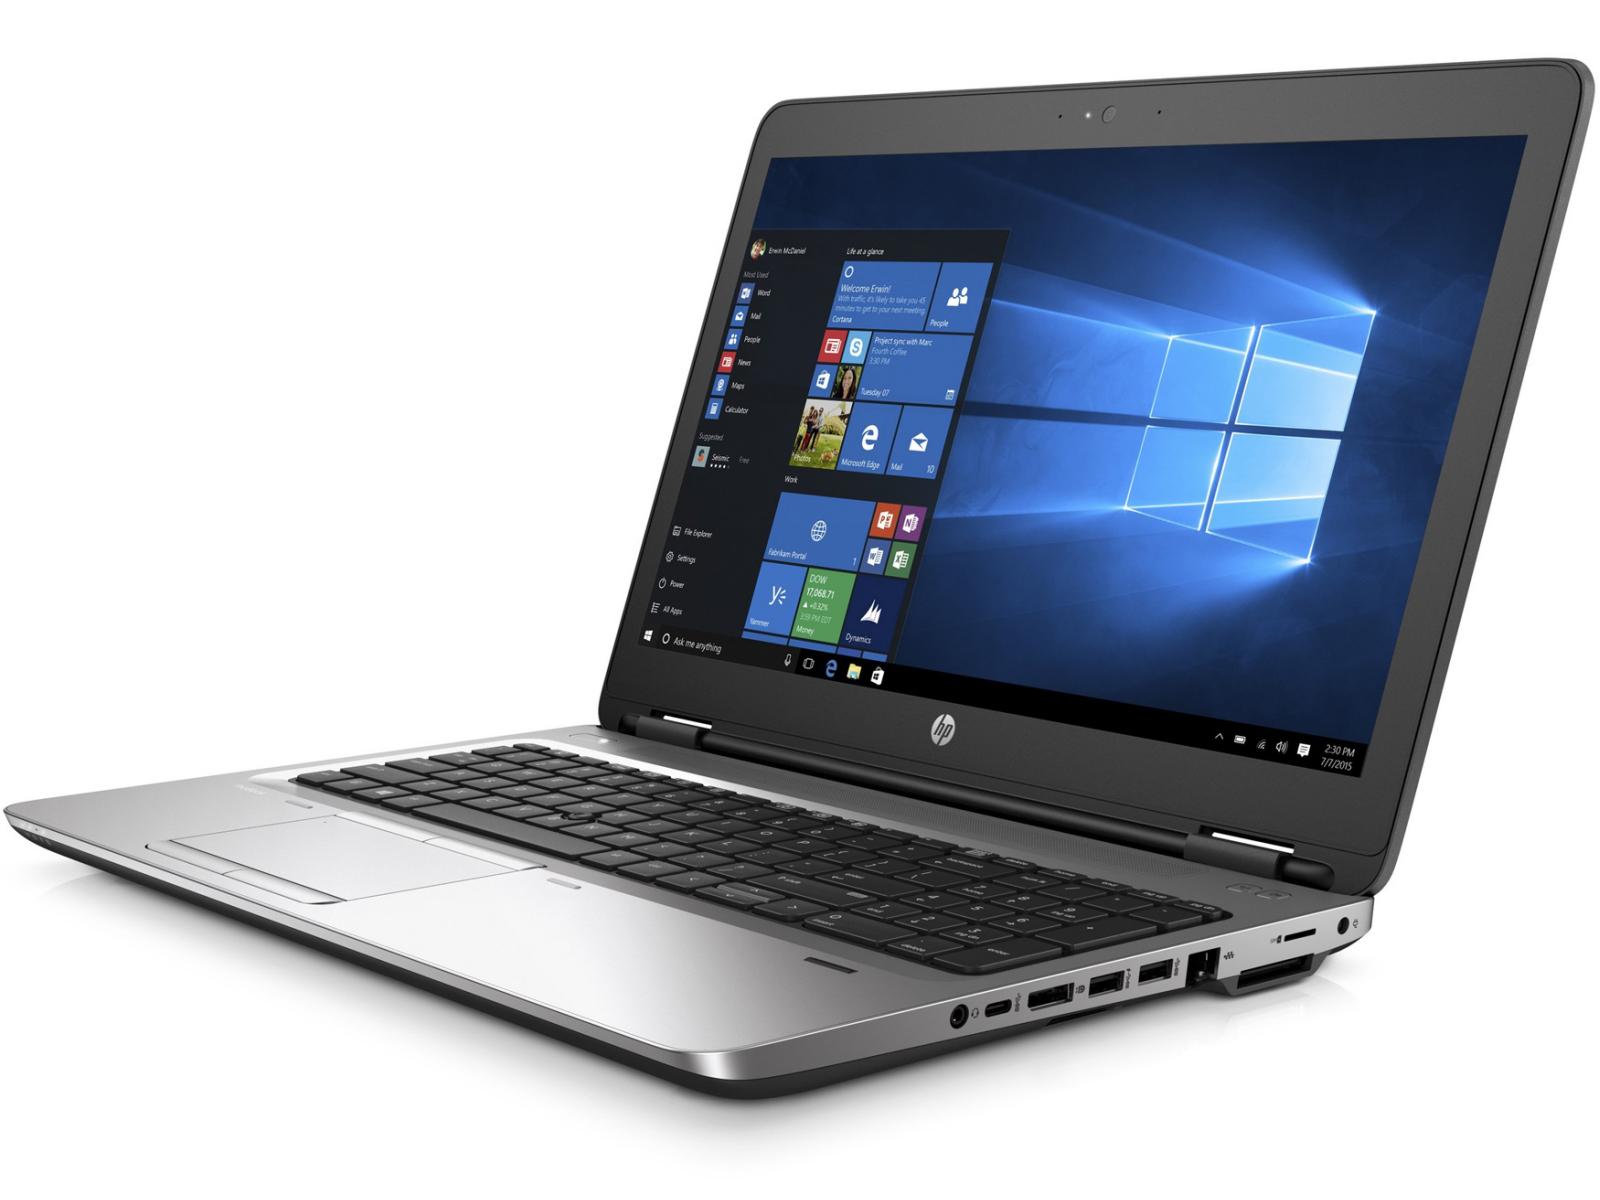 Hp Probook 650 G2 Notebook Full Hd Review